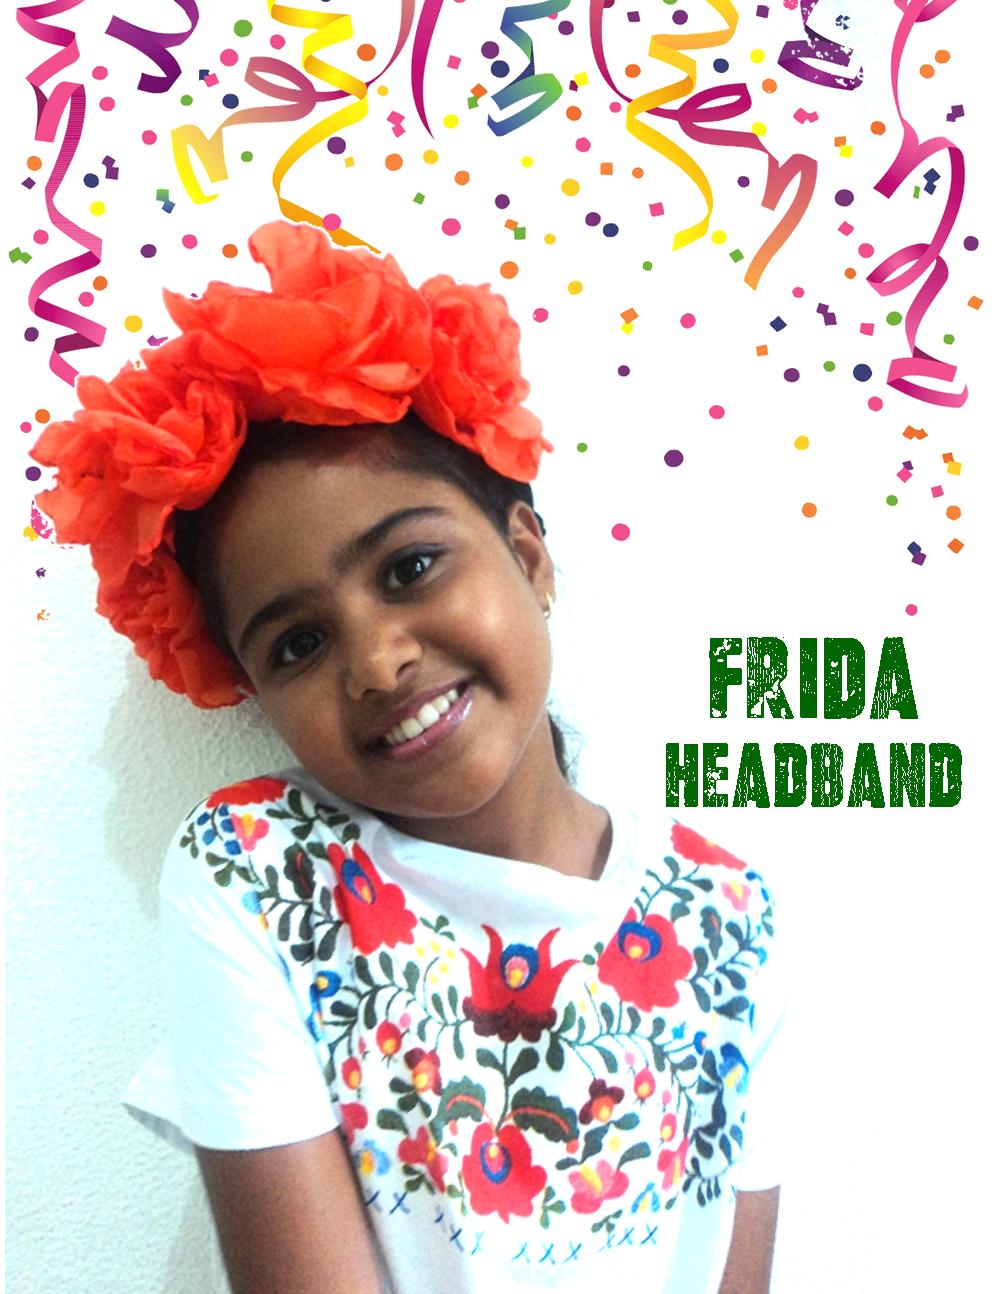 A as cores de Frida!  Headband Frida! Trança em tiras de malha e flores feitas a mão. Com duas ou três flores.. Á venda (R$ 22,00). Feitas a mão e com o coração. peça pela nossa fanpage no facebook; www.facebook.com/lalybluelembrancascriativas #handmade #feitoamao #lalyblue #carnaval #blocosdorio #fantasia #handmade #feitoamao #lalyblue #frida #carnaval #blocos #fantasia